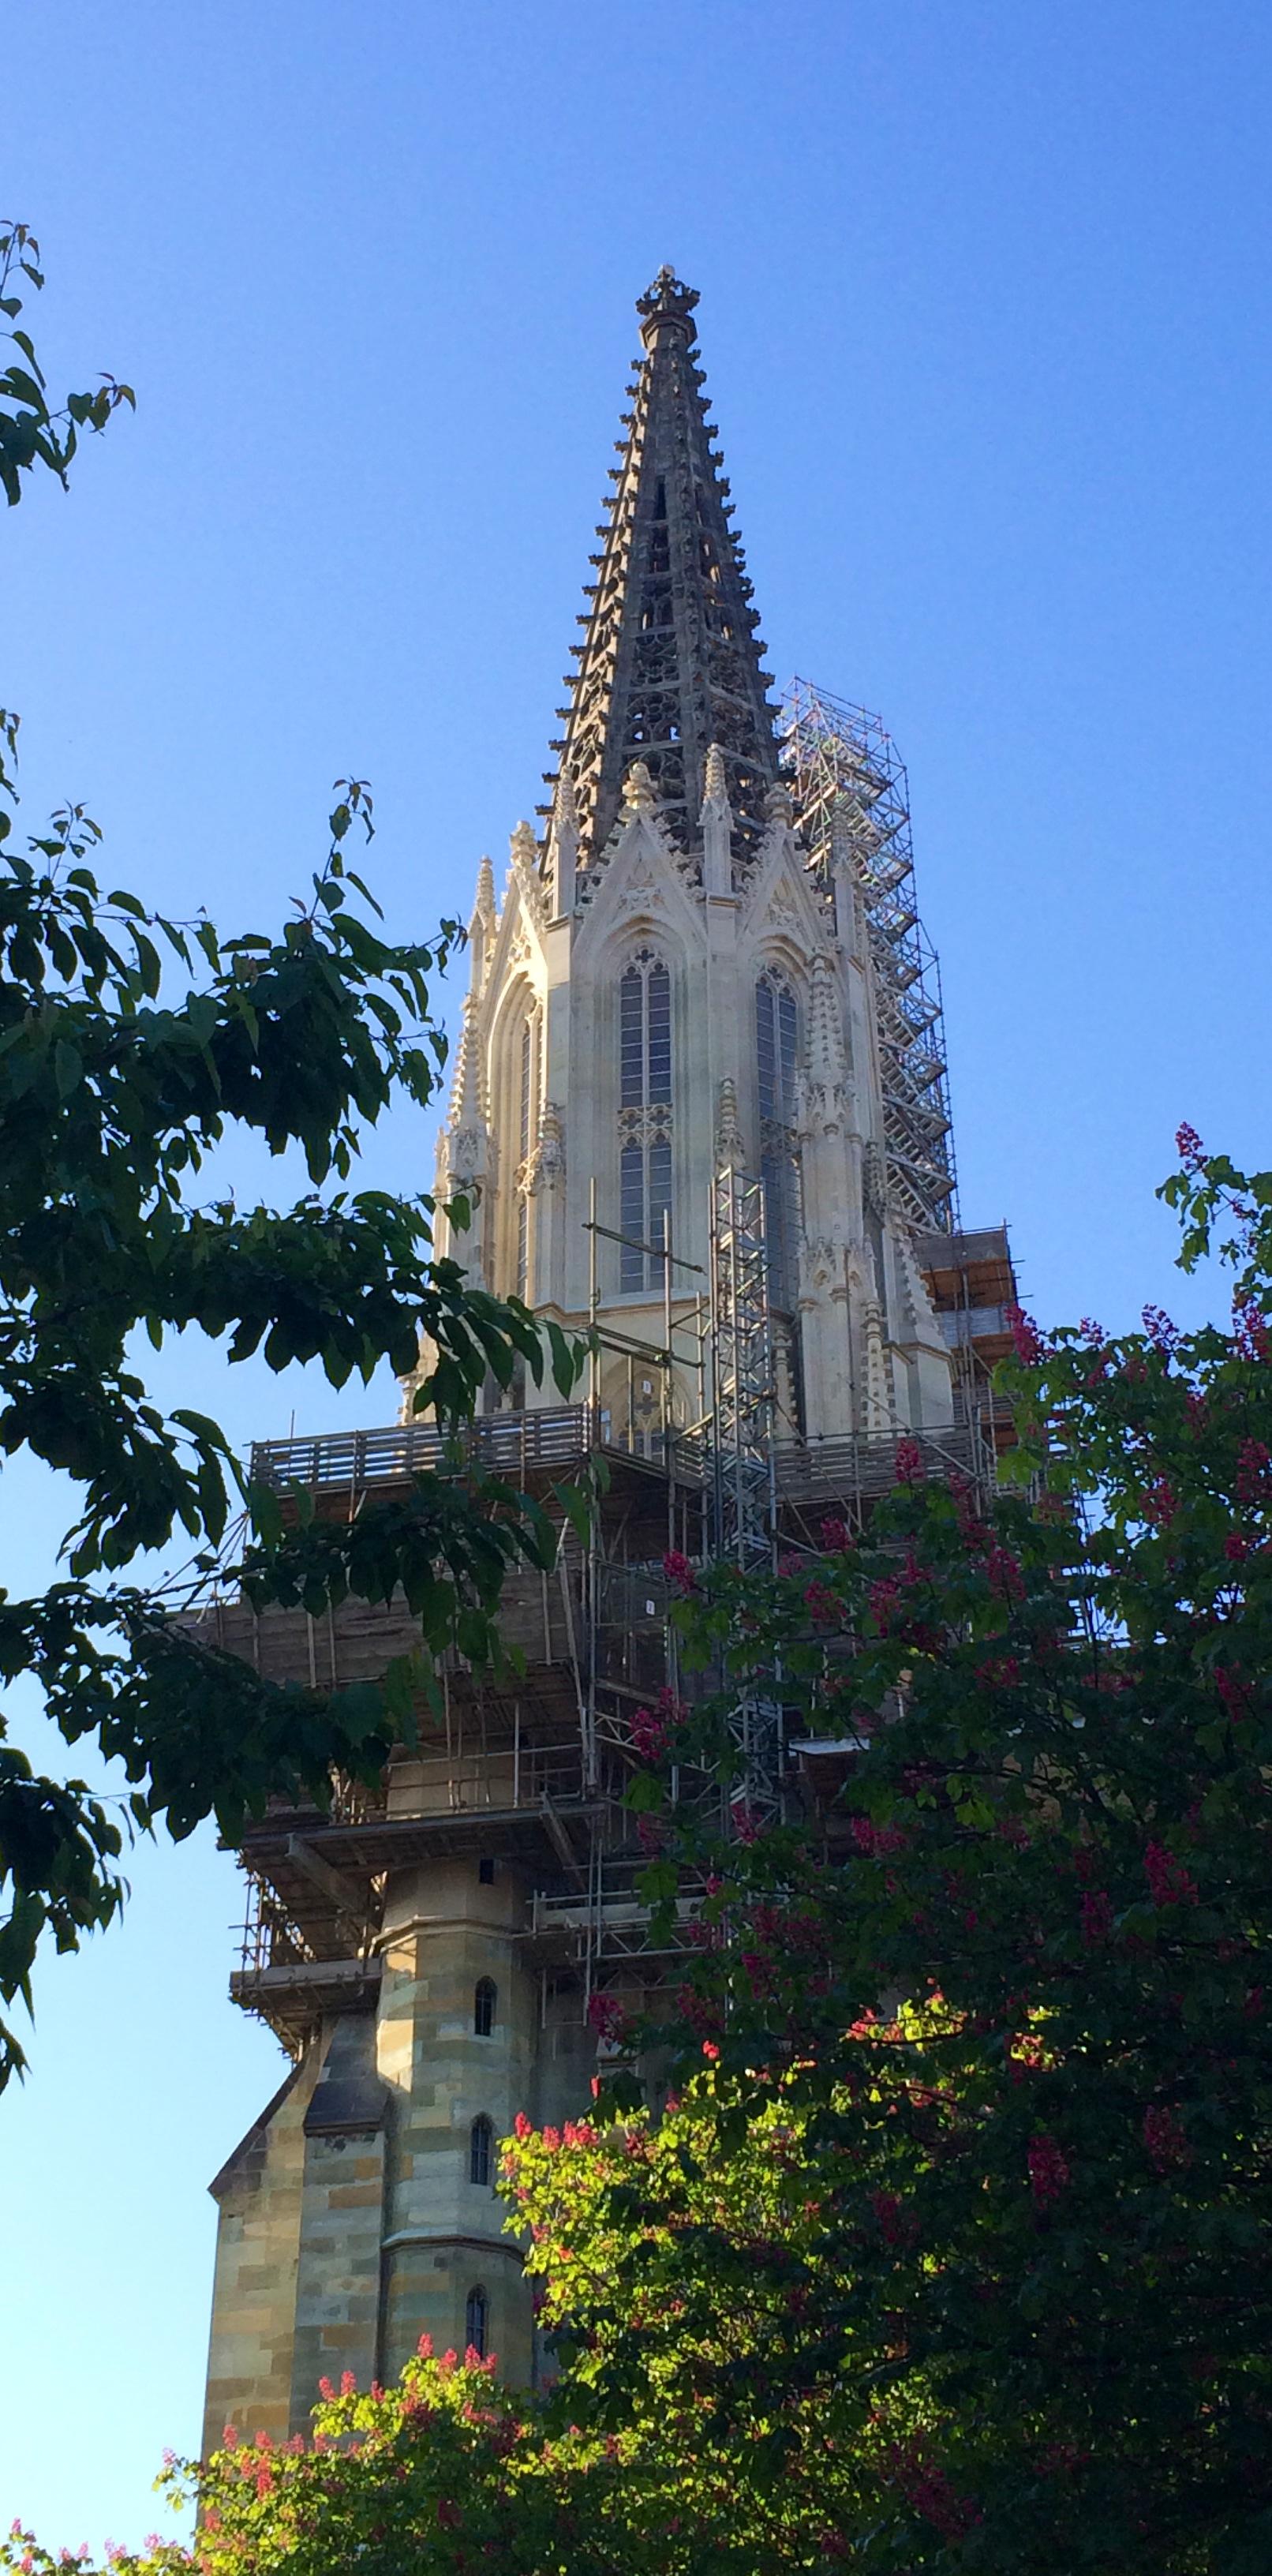 Gerüst am Kirchturm in Soest